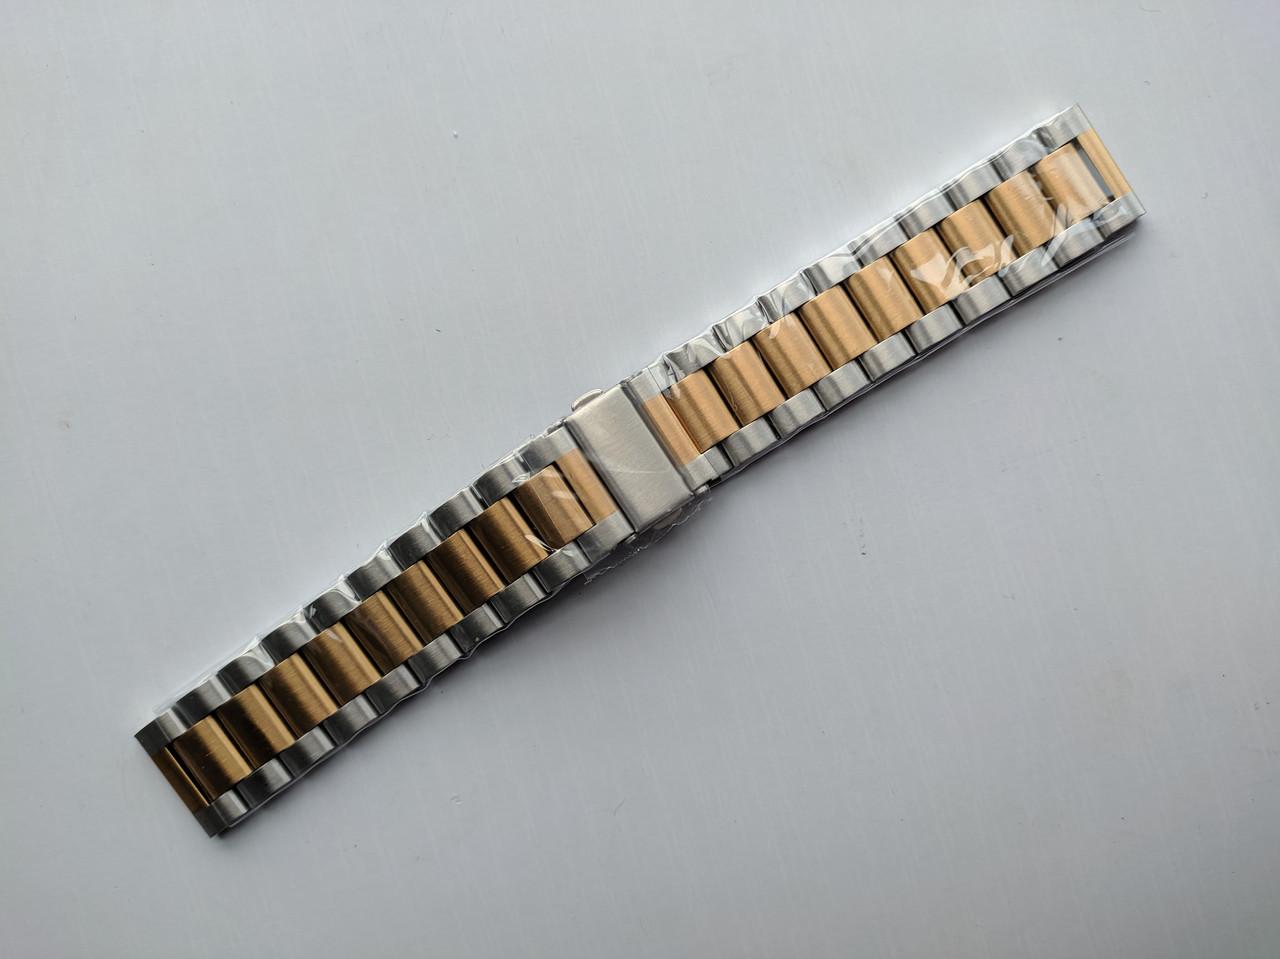 Ремешок 20 мм Buckle Steel Belt Metal Matte для Xiaomi AMAZFIT Bip / GTS / GTR Серебряный / Золотой